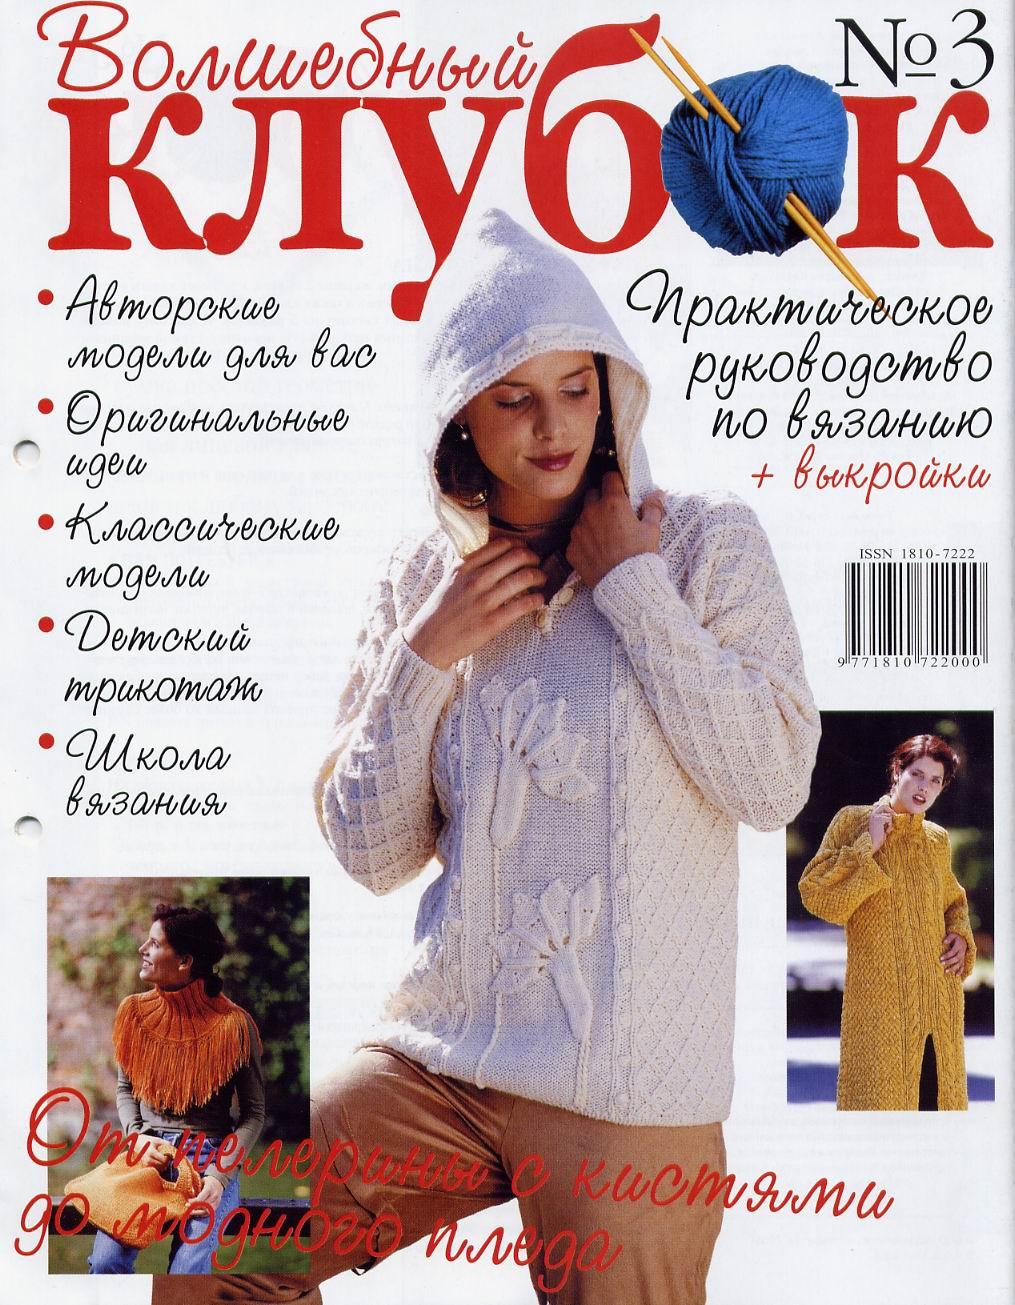 Журнал волшебный клубок по вязанию